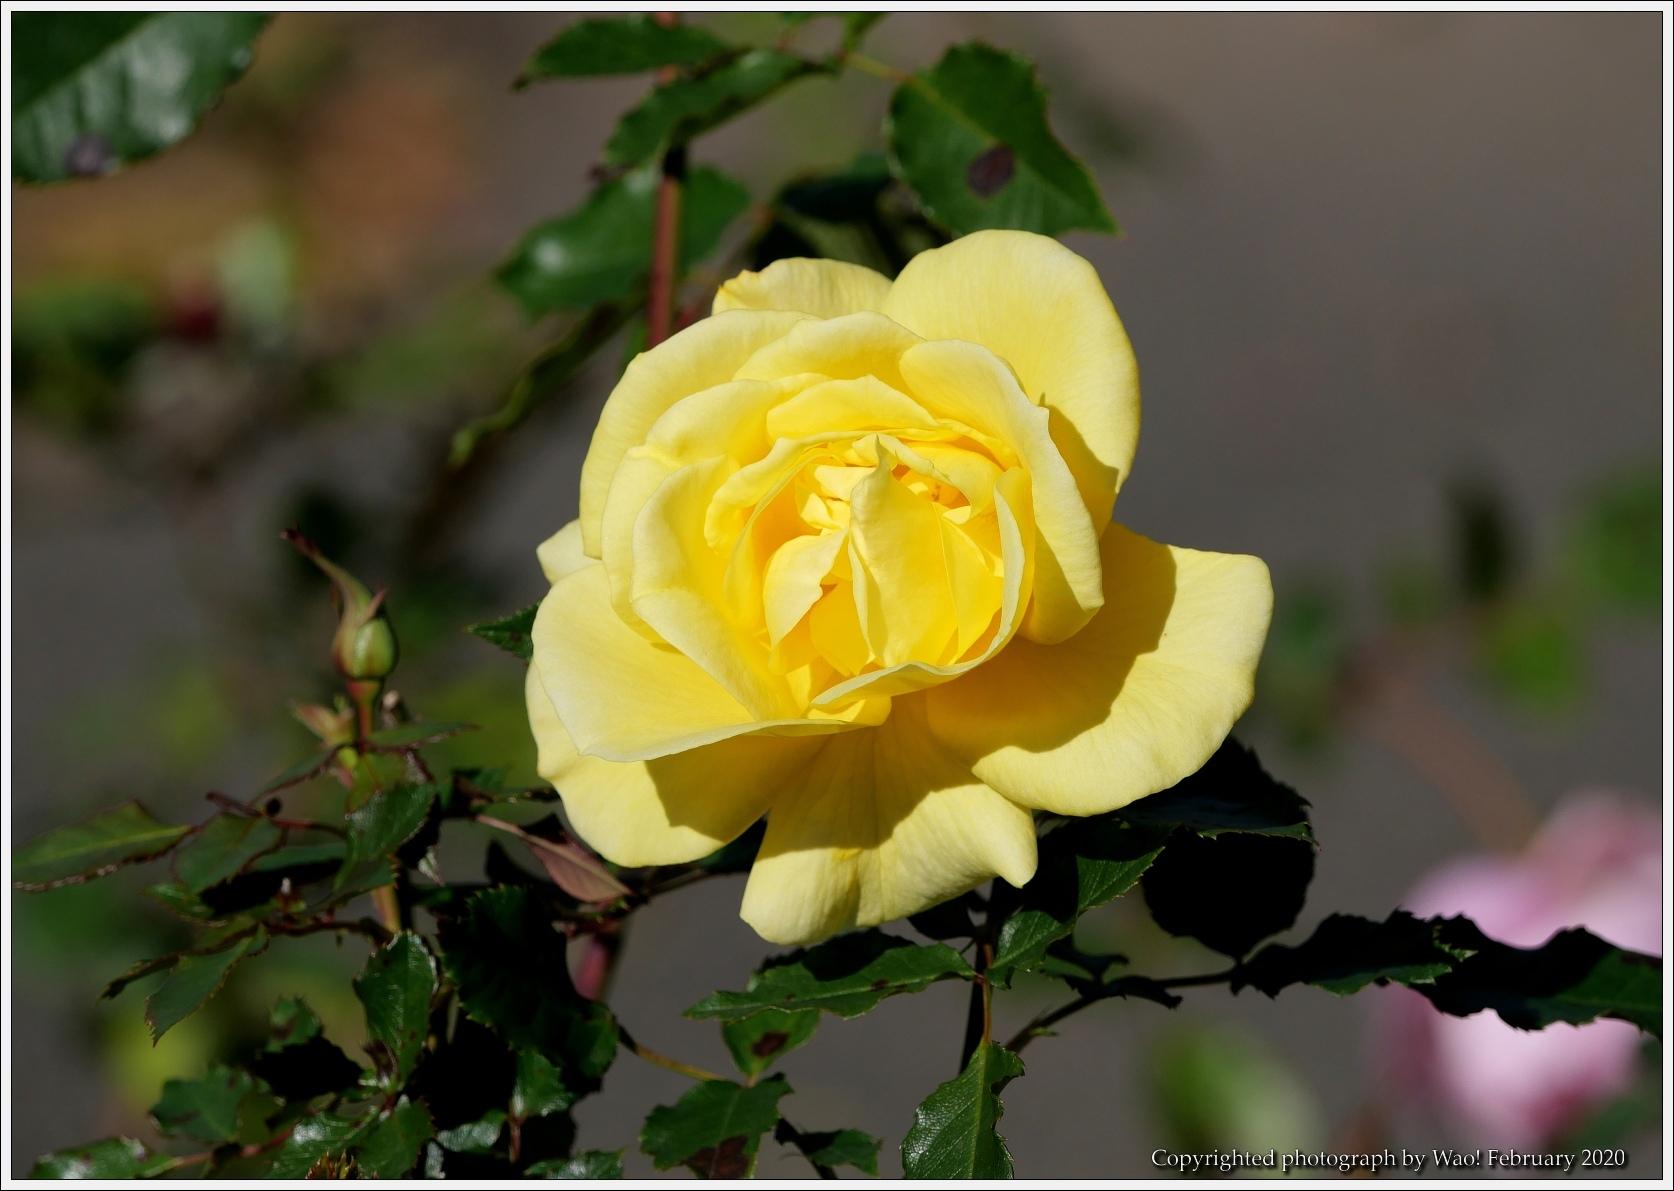 冬のバラと温室の花と蝶_c0198669_16074458.jpg